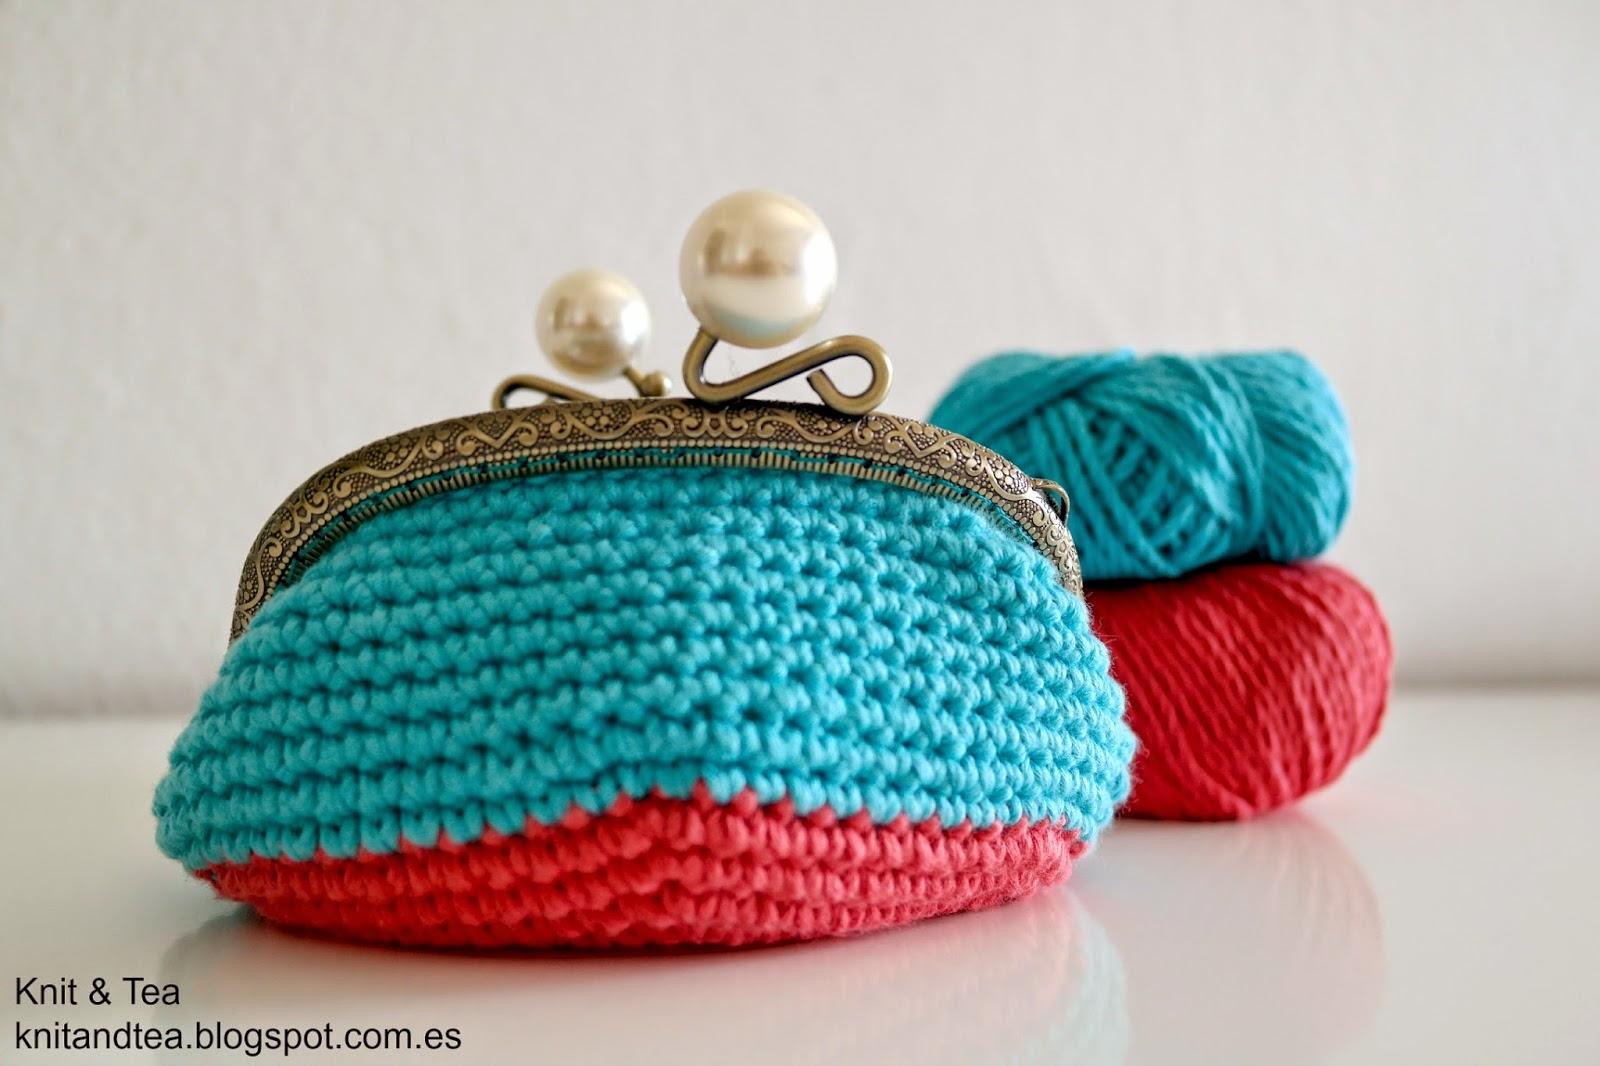 Monedero Ganchillo Boquilla Ovalada Of Monedero De Crochet Con Boquilla Ovalada Aprender